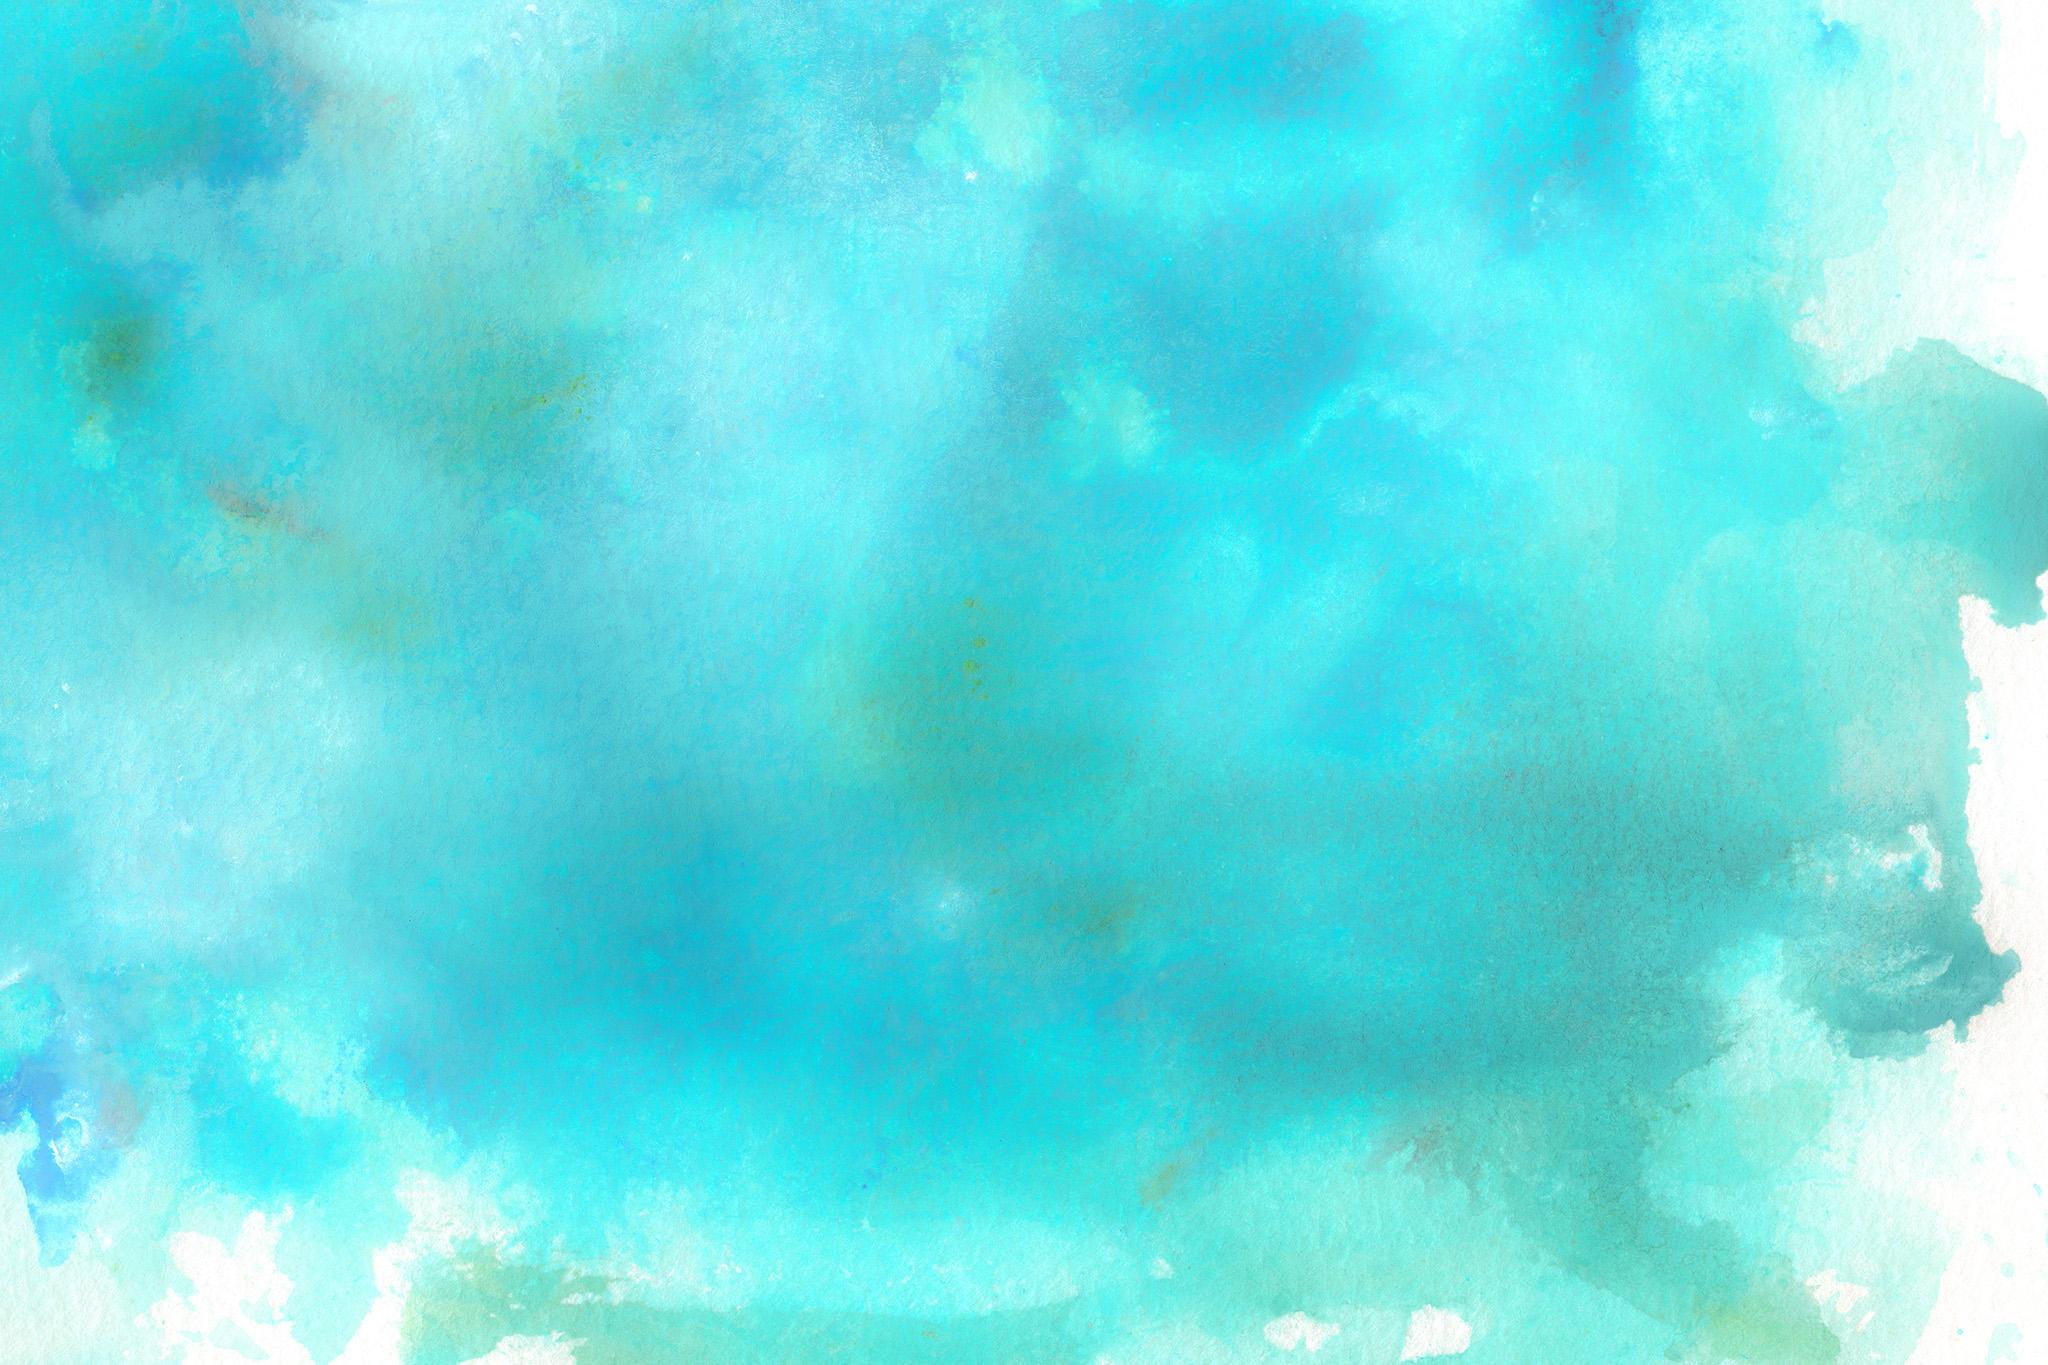 「ターコイズブルーの水彩薄塗り」